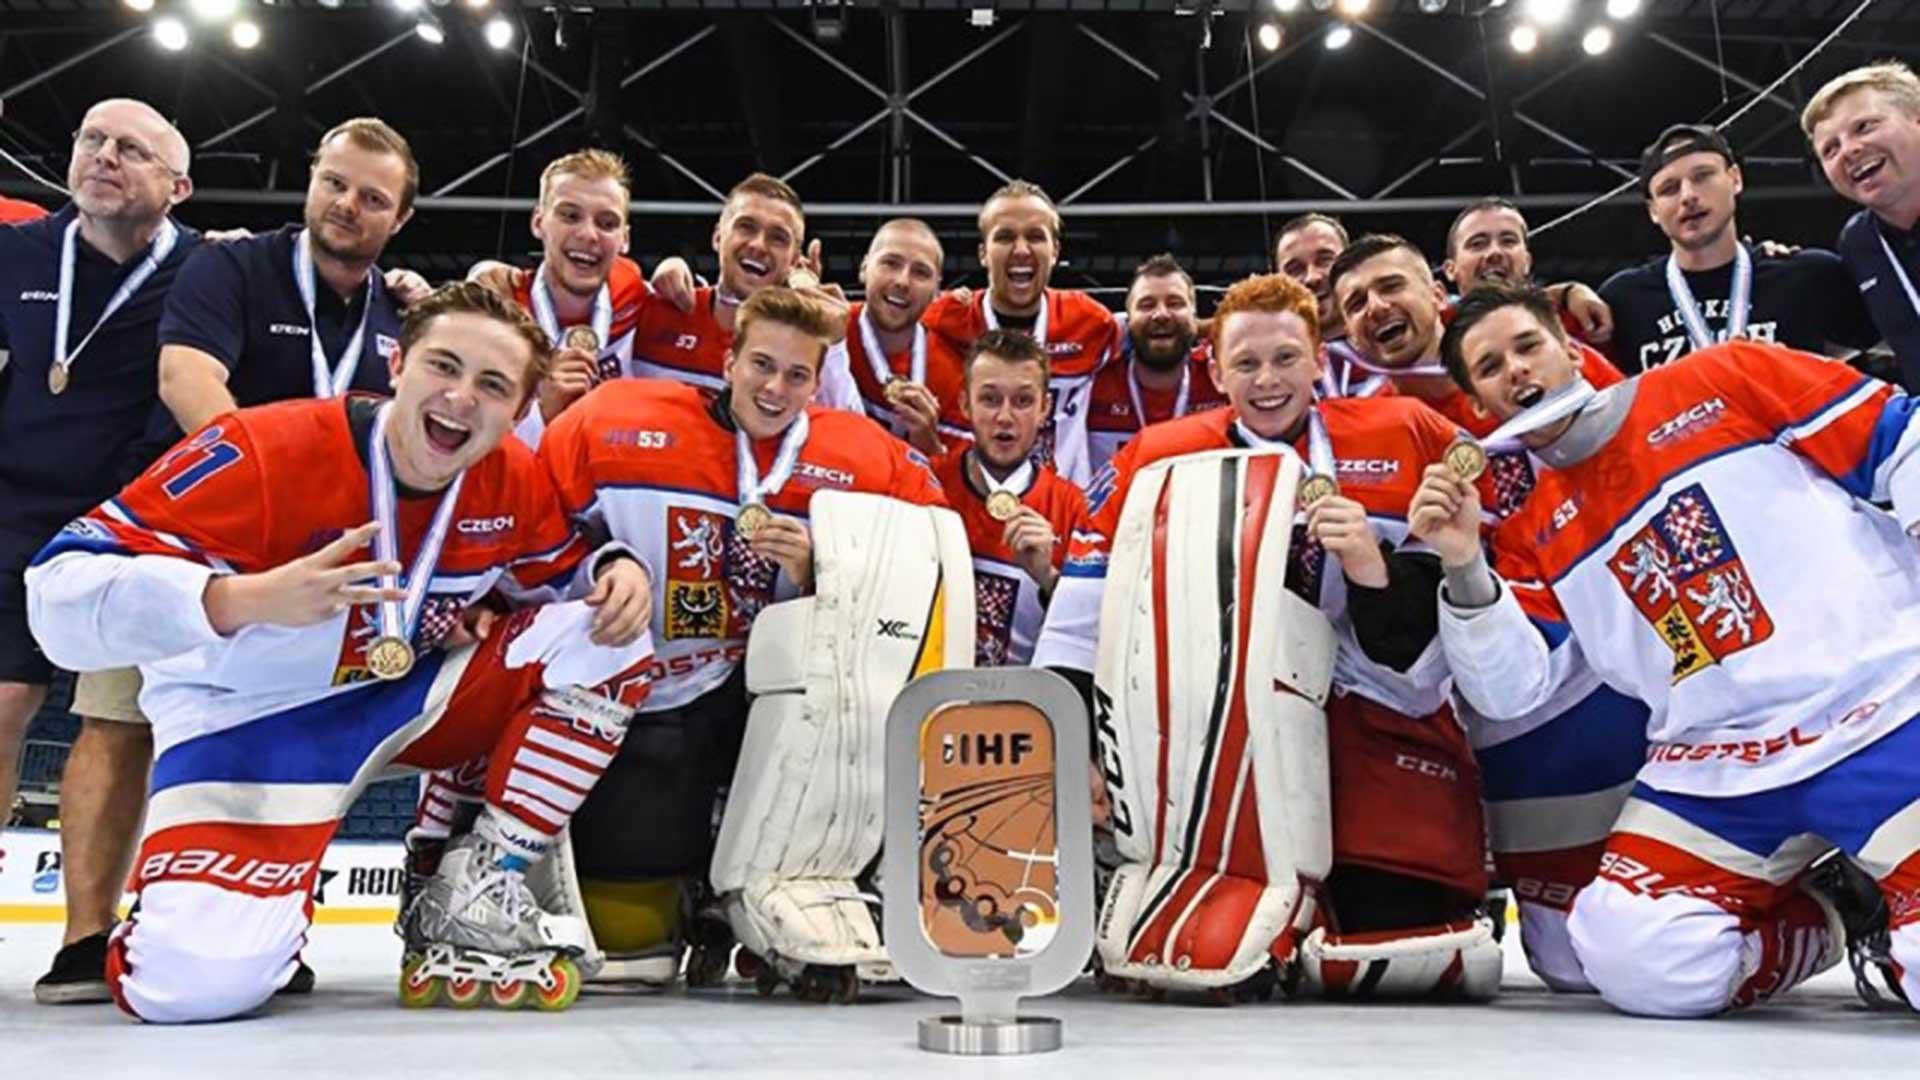 Česká reprezentace bronz foto Český inline hokej